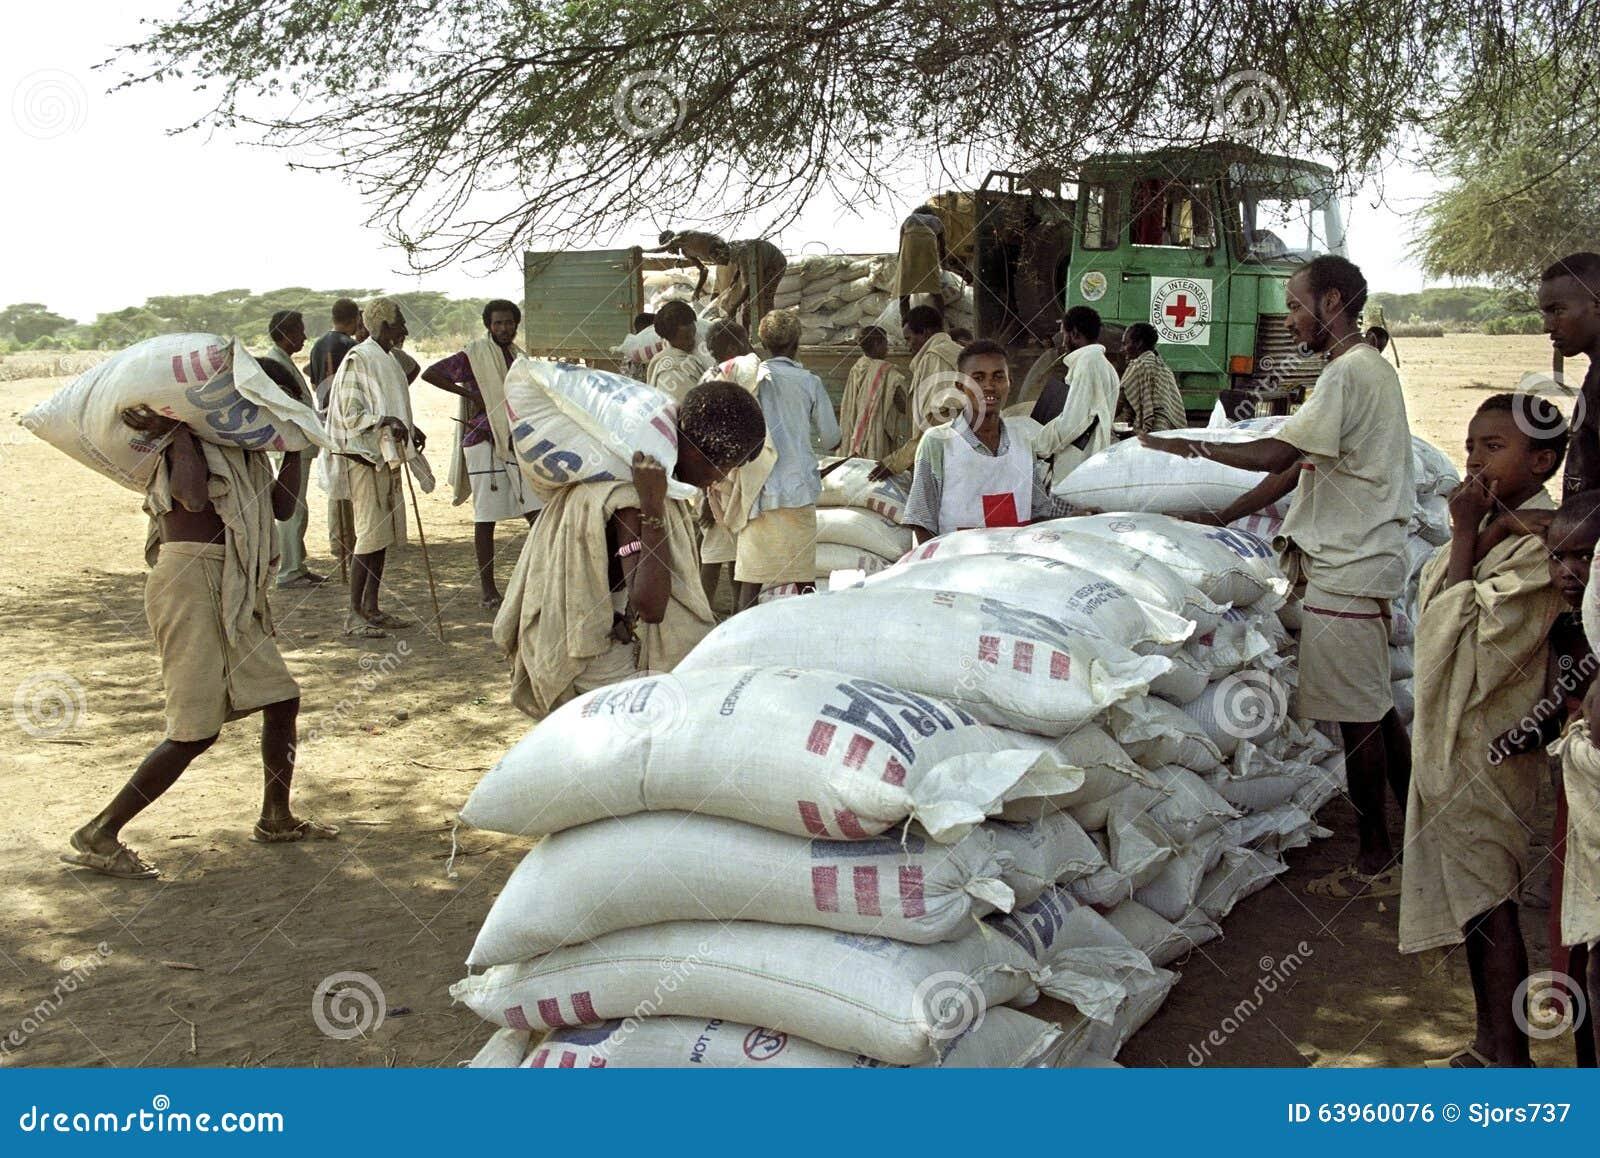 Επισιτιστική βοήθεια ανεφοδιασμού για μακρυά τους ανθρώπους, Ερυθρός Σταυρός, Αιθιοπία